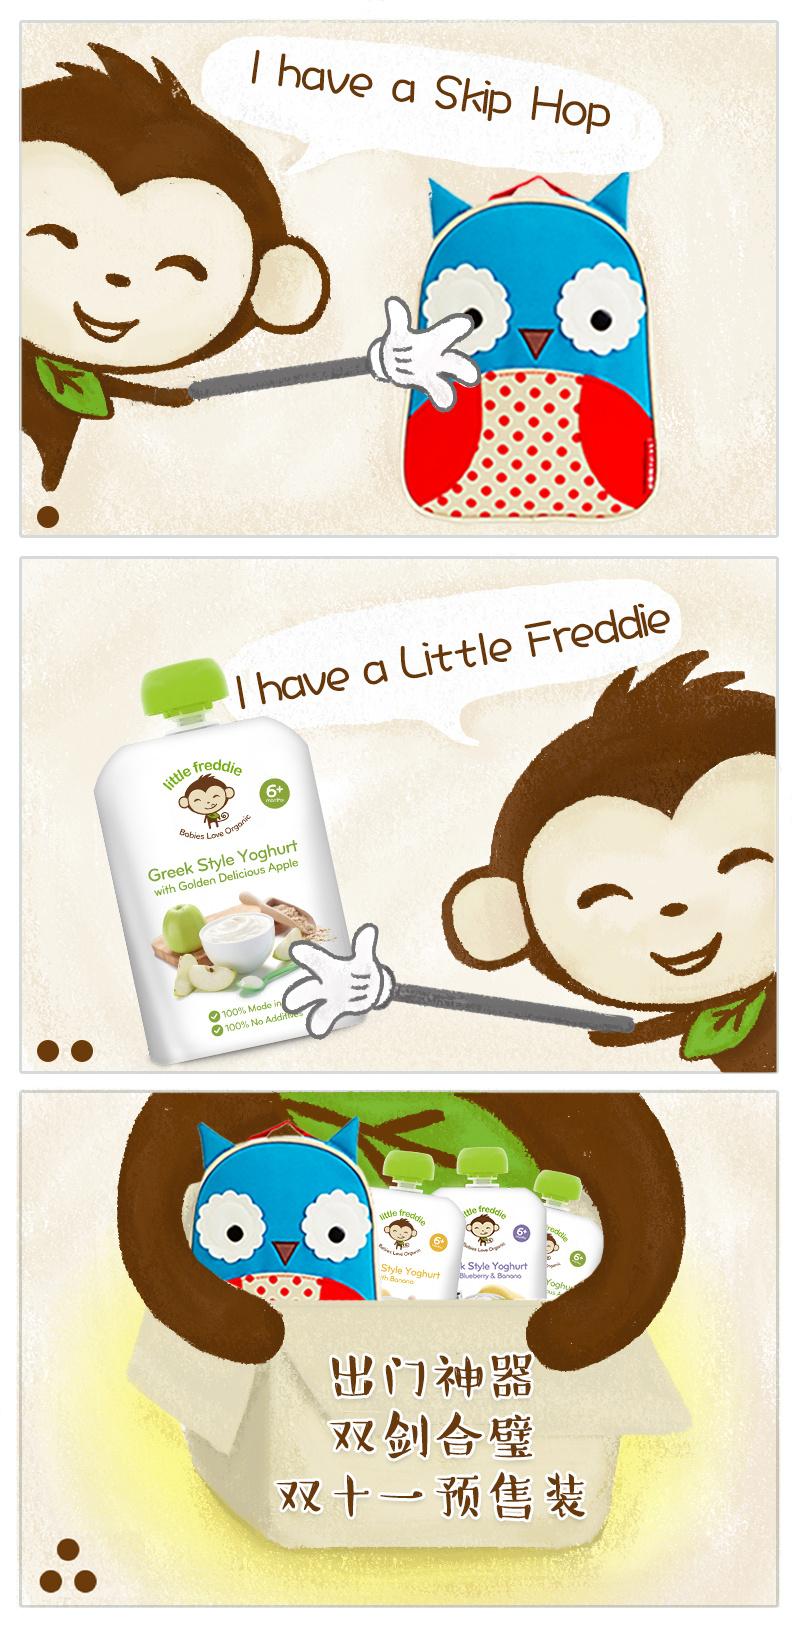 手绘海报|插画|商业插画|柚子绿 - 原创作品 - 站酷